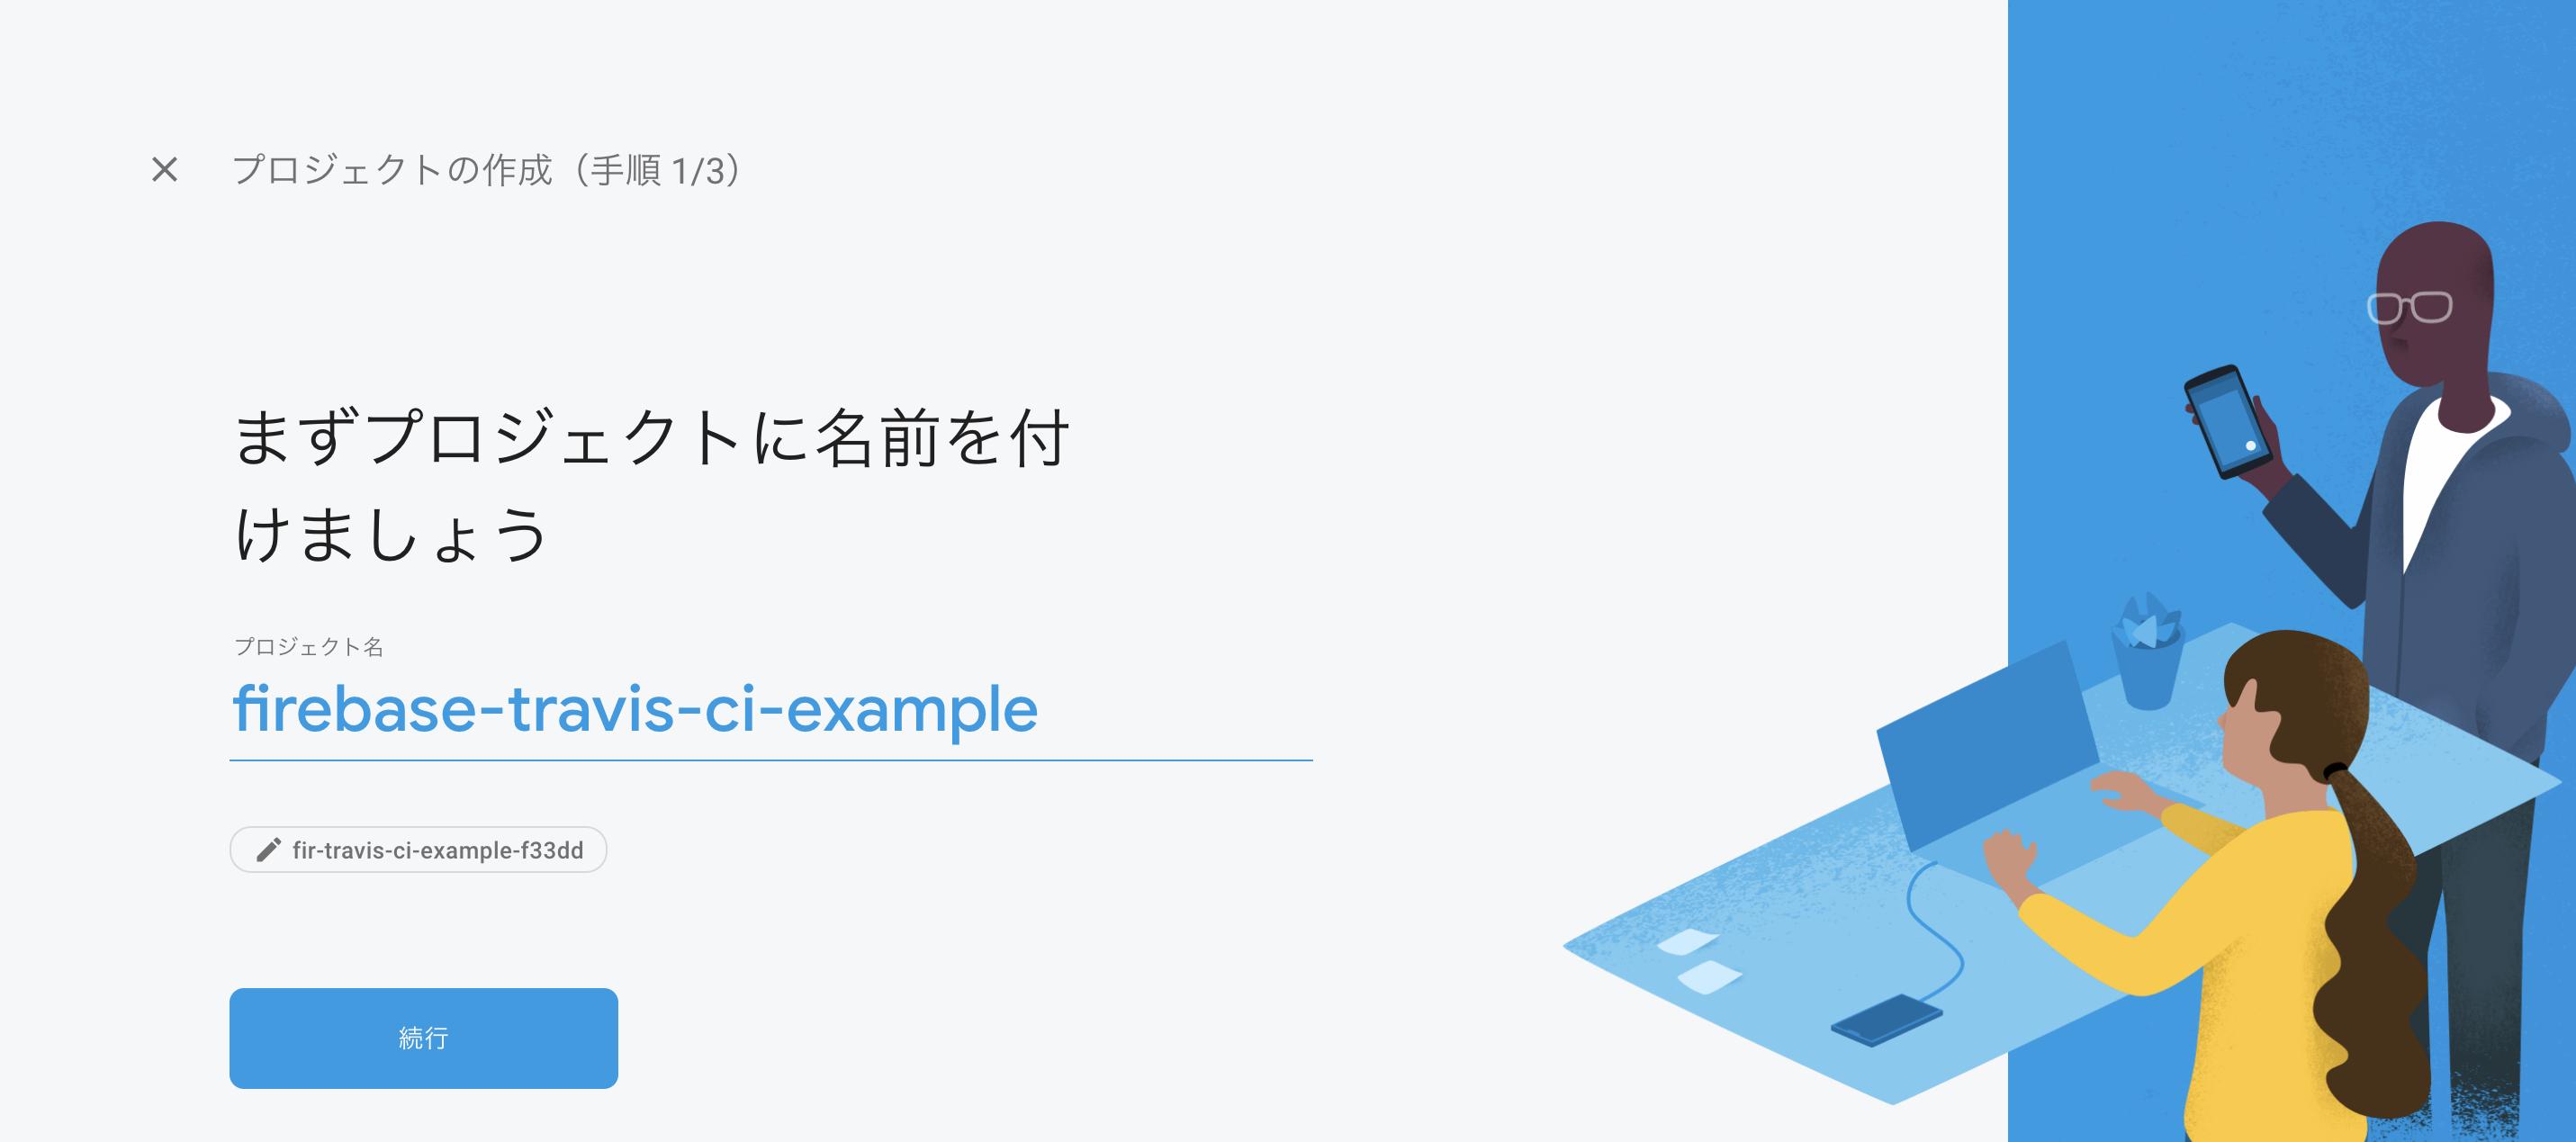 スクリーンショット 2019-08-30 0.16.40.png